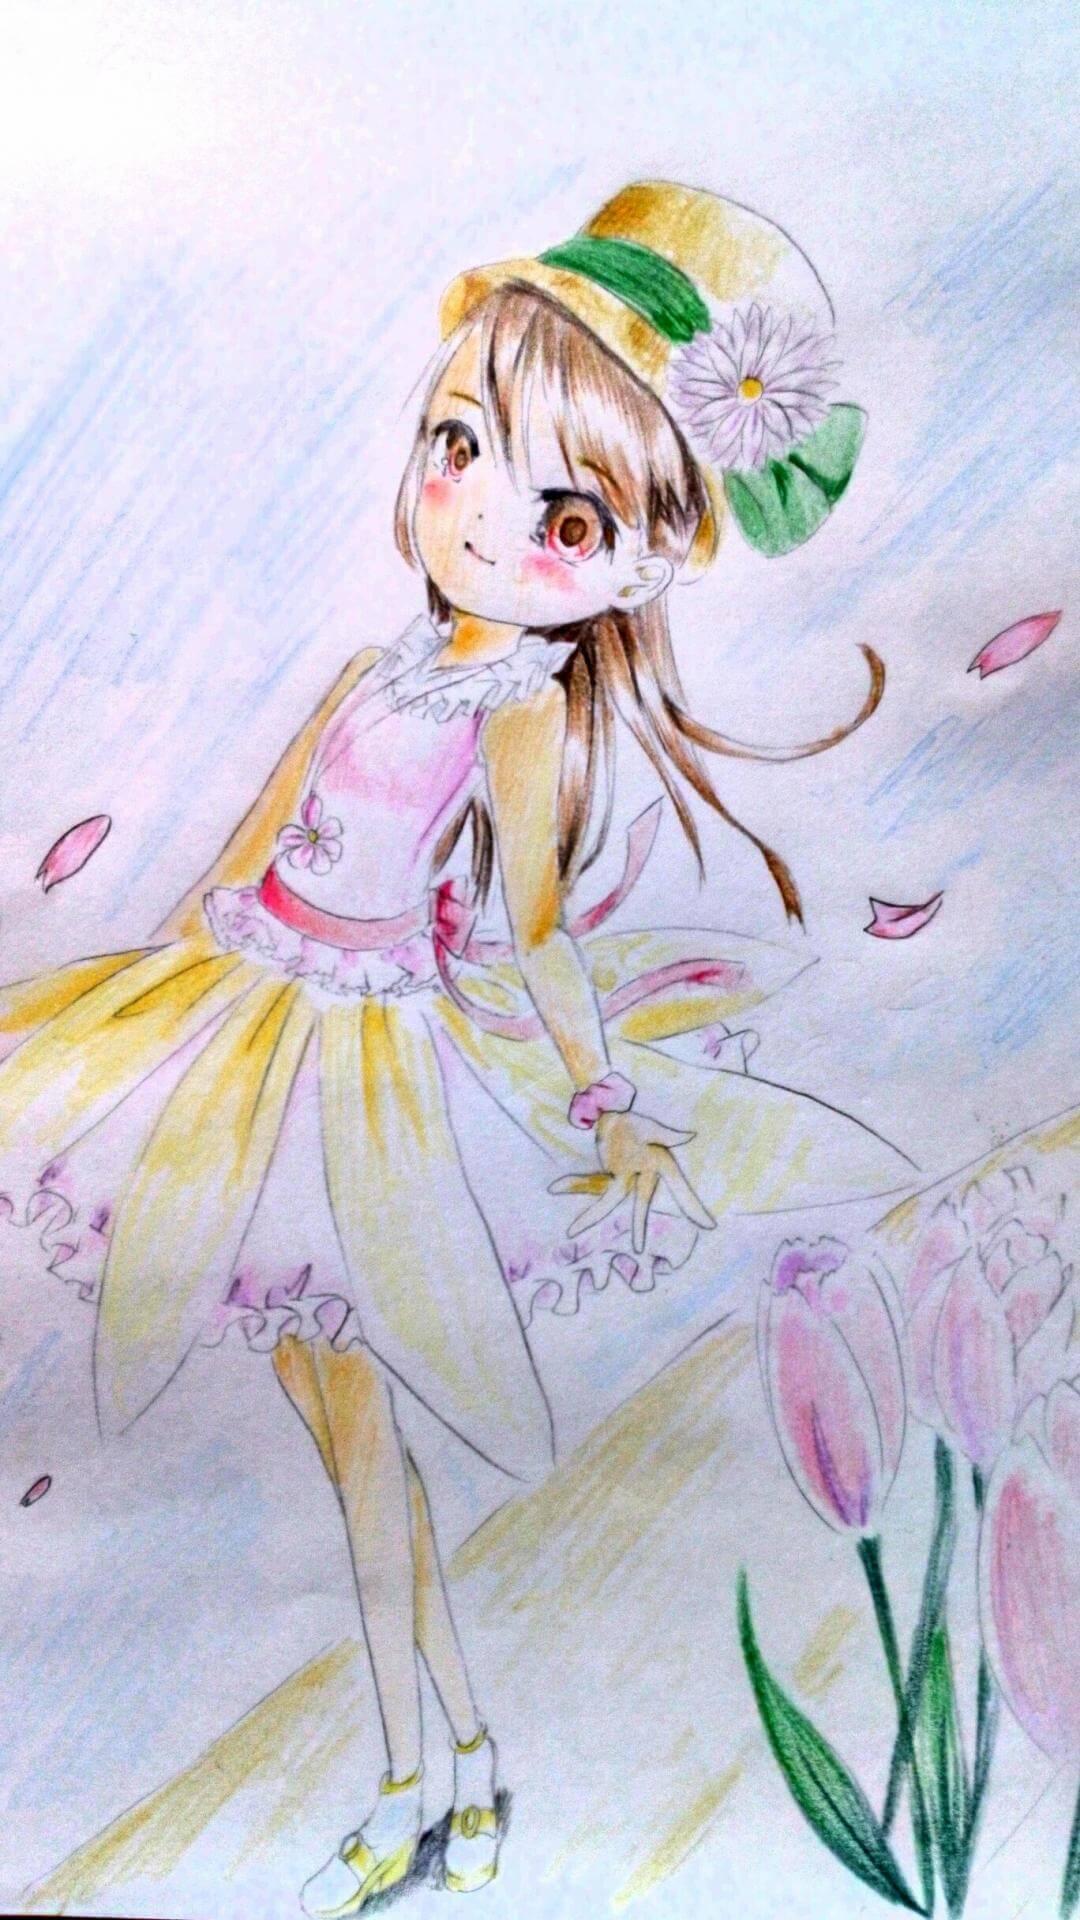 花の季節です イラストコンテスト かわいい女の子のイラストを描い